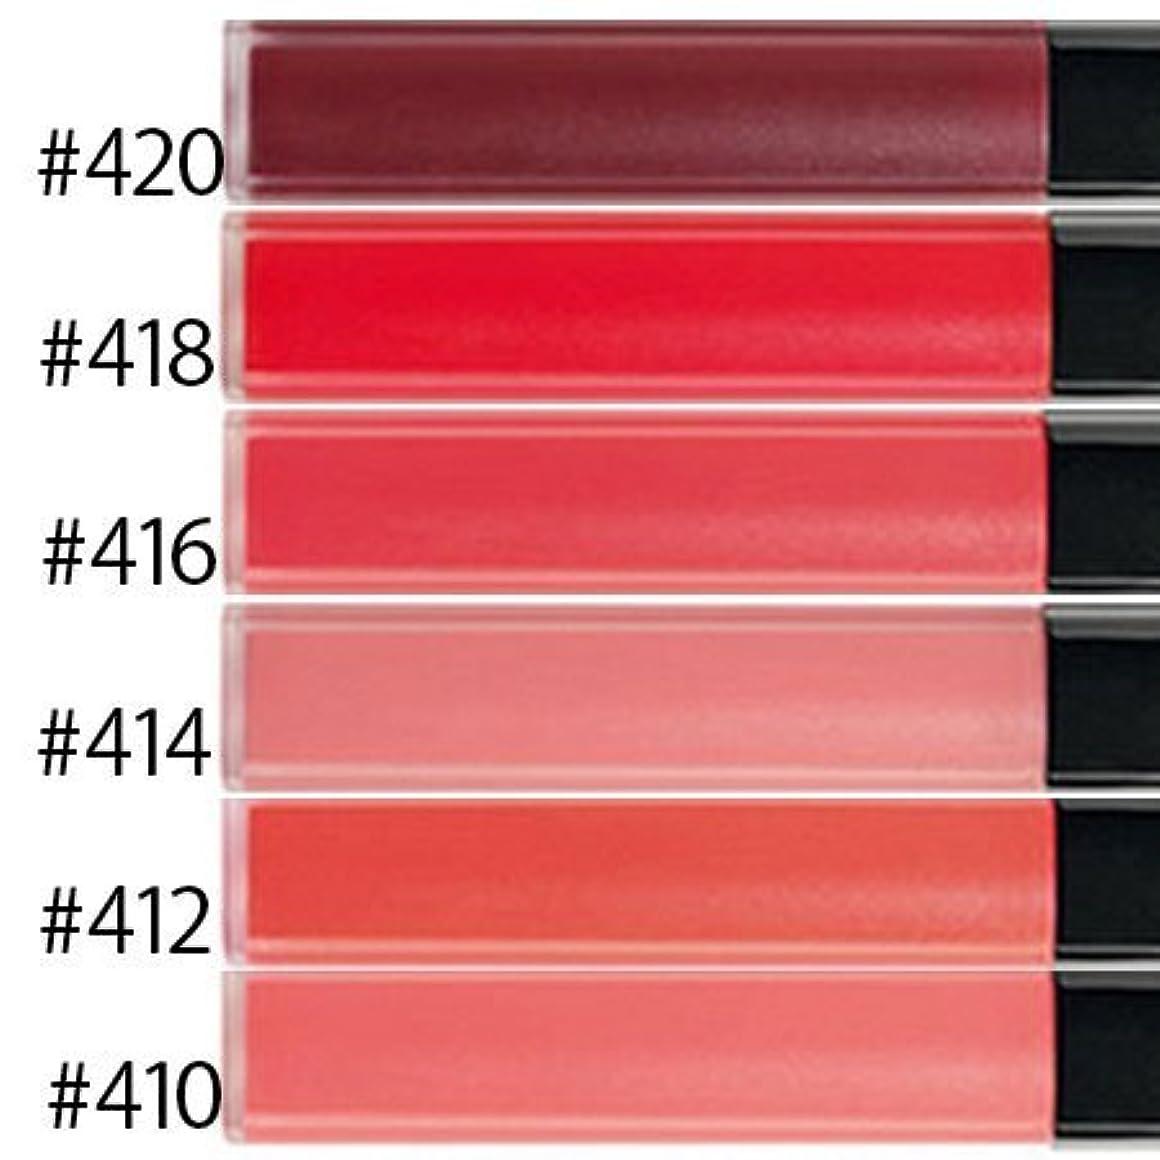 キャラバンステレオ風味シャネル ルージュ ココ リップ ブラッシュ 5.5g 全6色 -CHANEL- 414